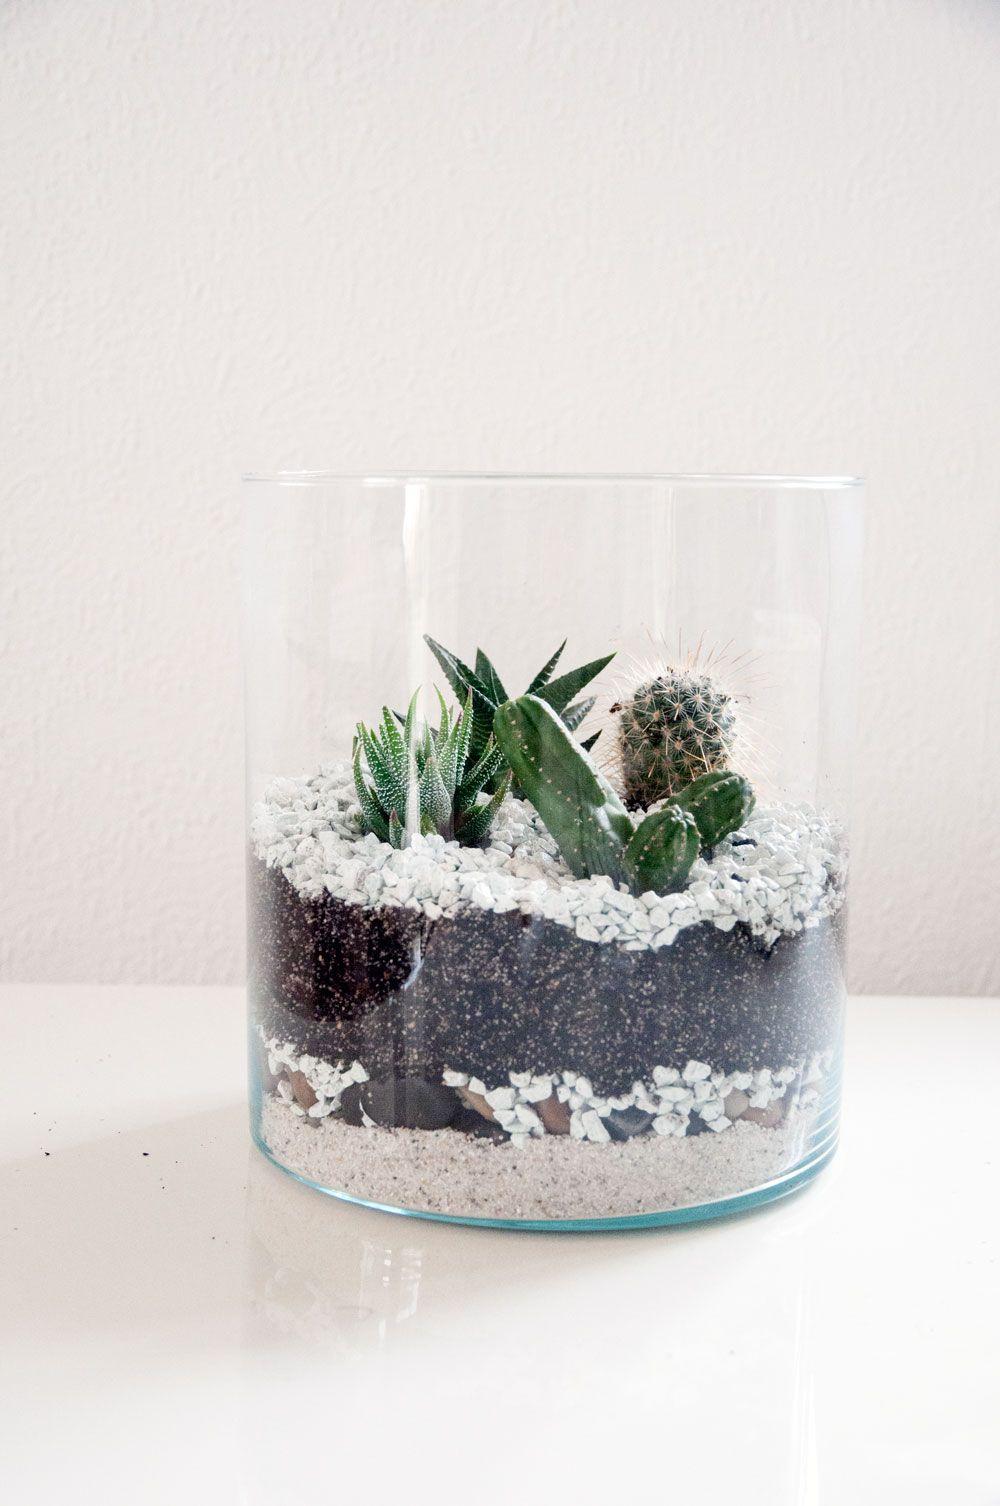 kuhles neuer hingucker zu hause mini terrarium mit gruenen pflanzen als teil einer eleganten tischlampe großartige abbild und dddaefcdfbcf